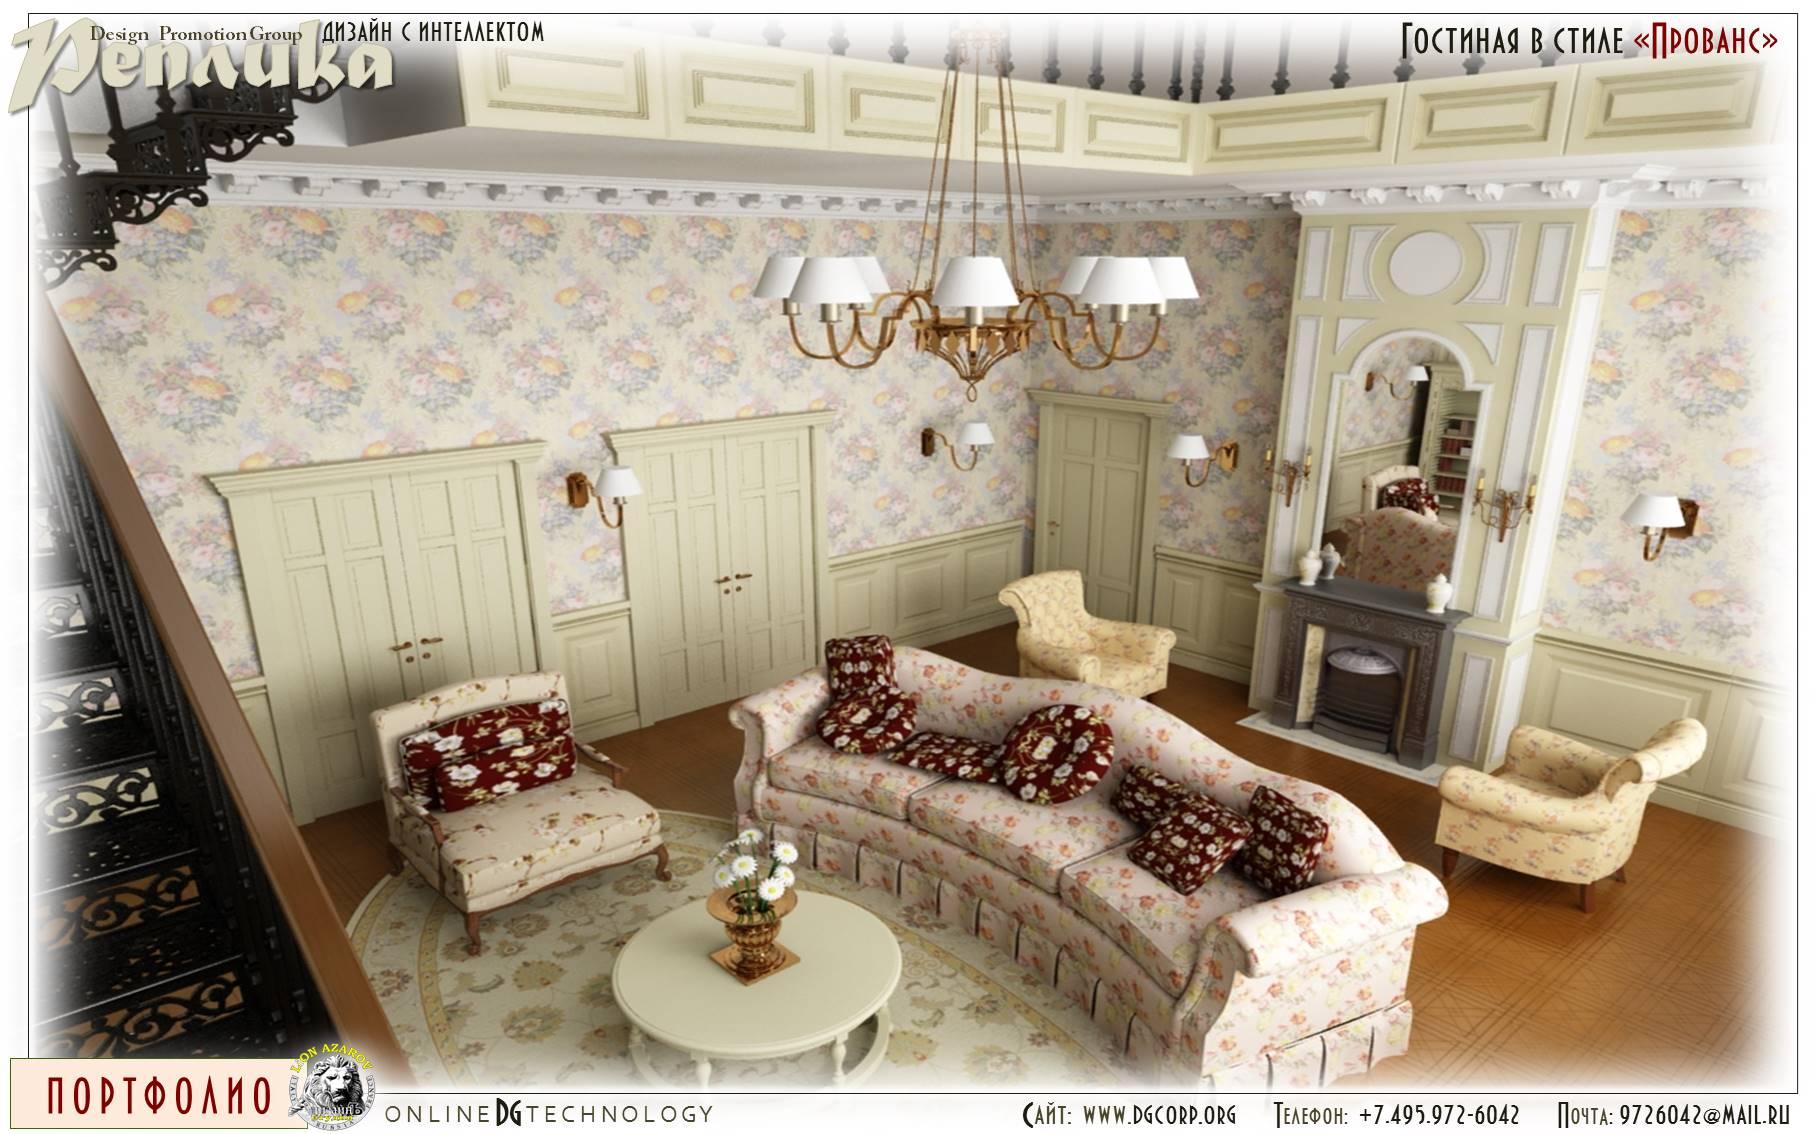 мебель для малогабаритной квартиры фото